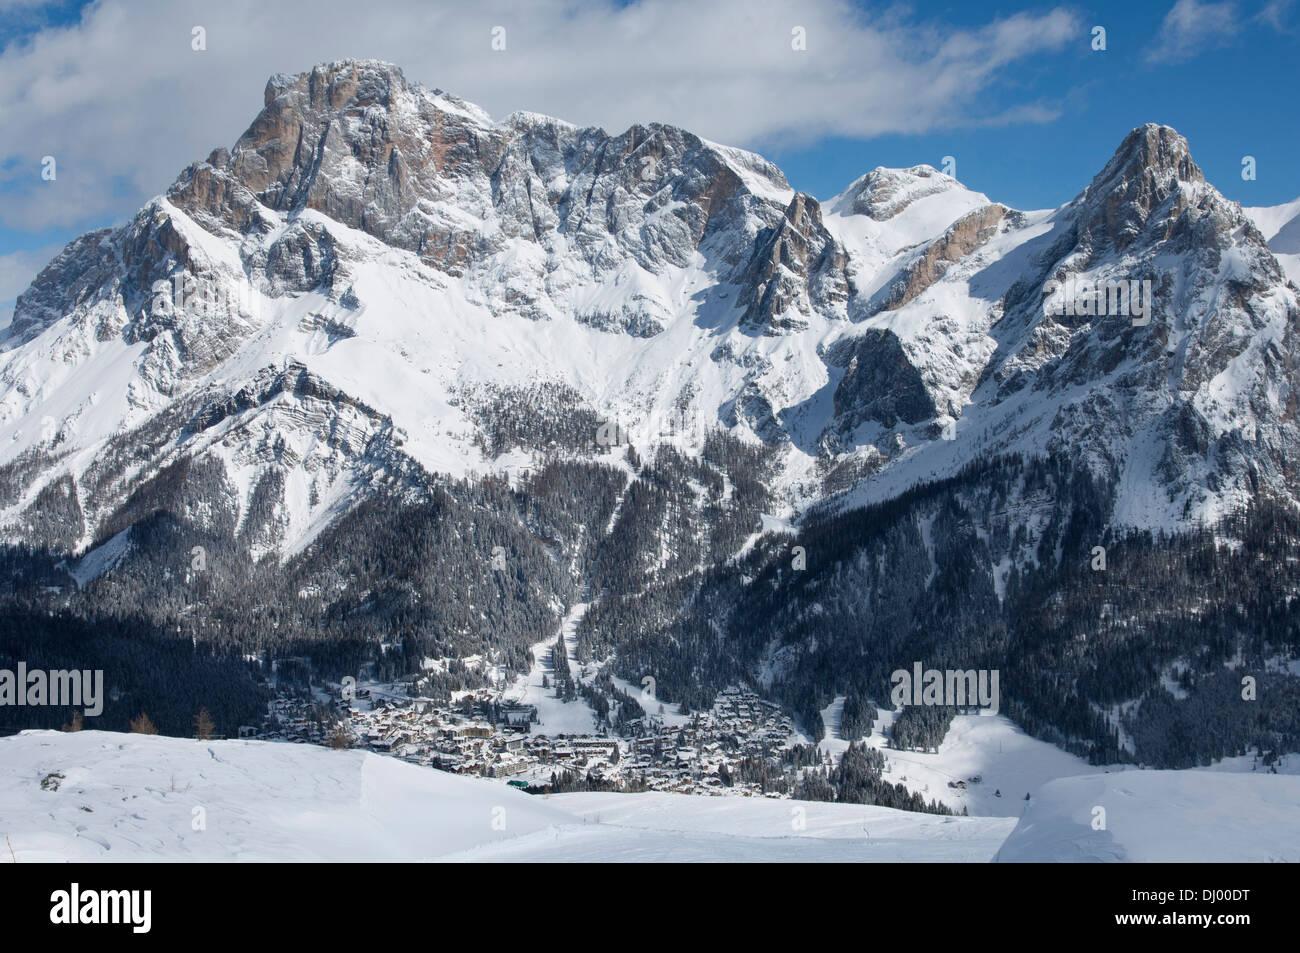 San Martino di Castrozza, Trentino alto Adige, Dolomites, Italy. Stock Photo